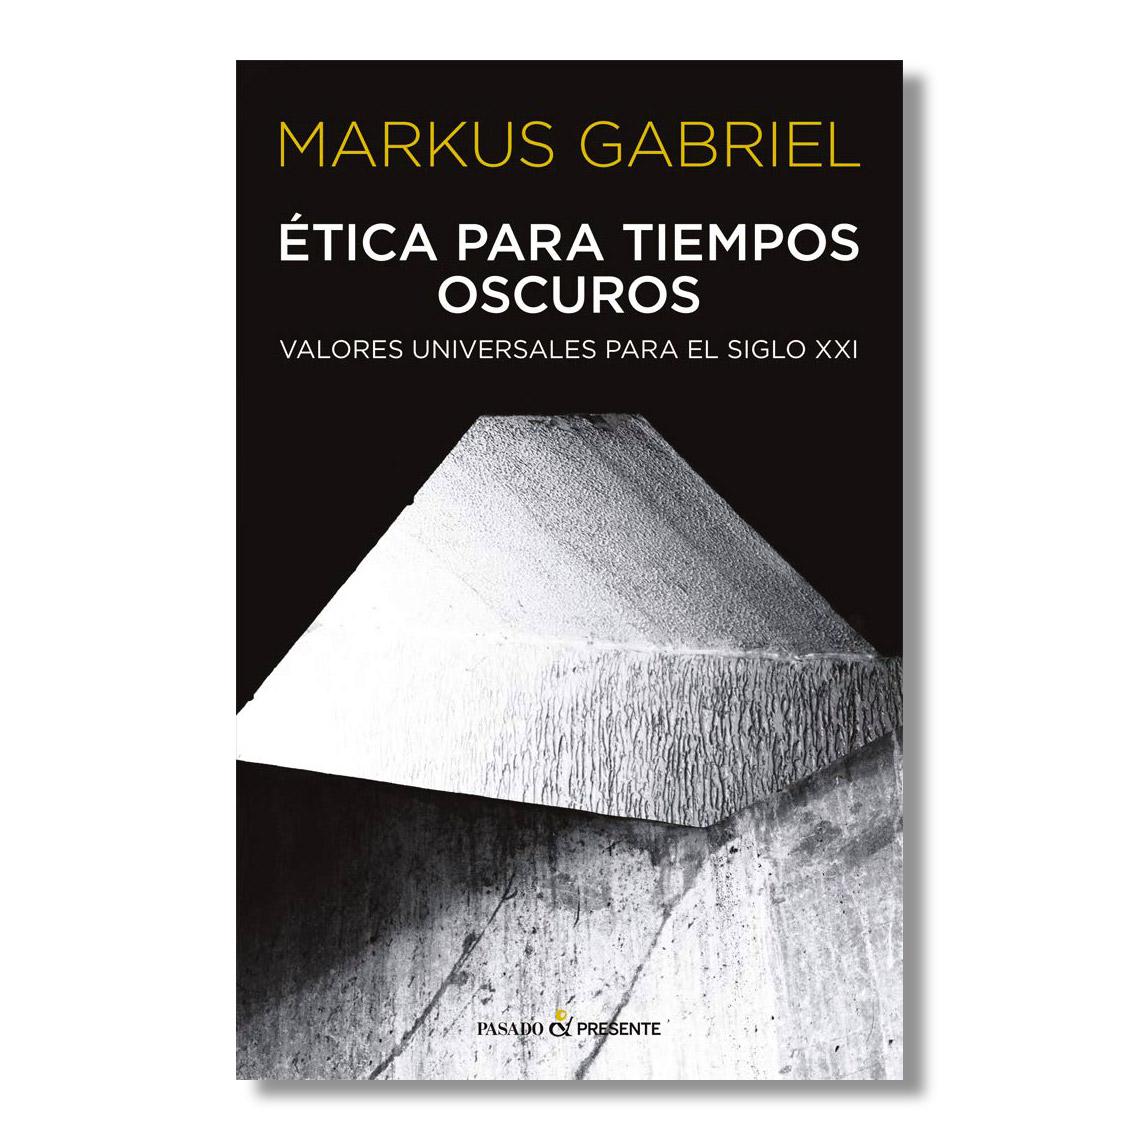 Markus-Gabriel_Etica-para-tiempos-oscuros-tapa_02